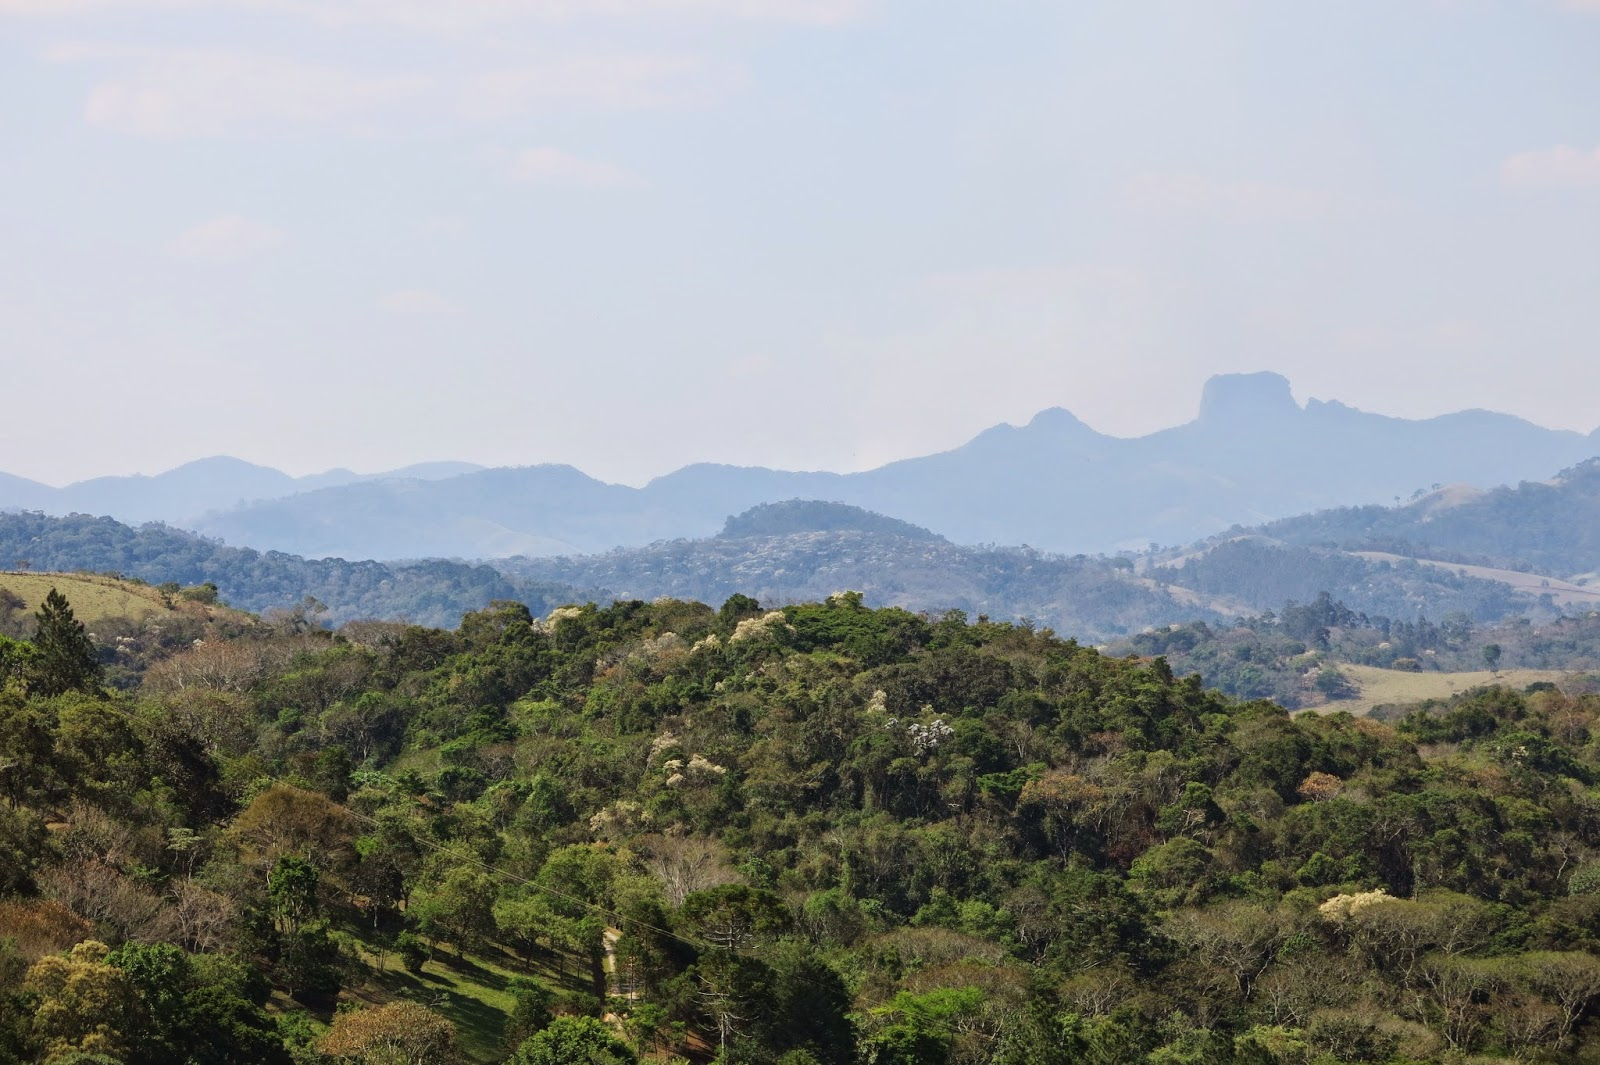 Vista da Pedra do Baú, desde Santo Antônio do Pinhal